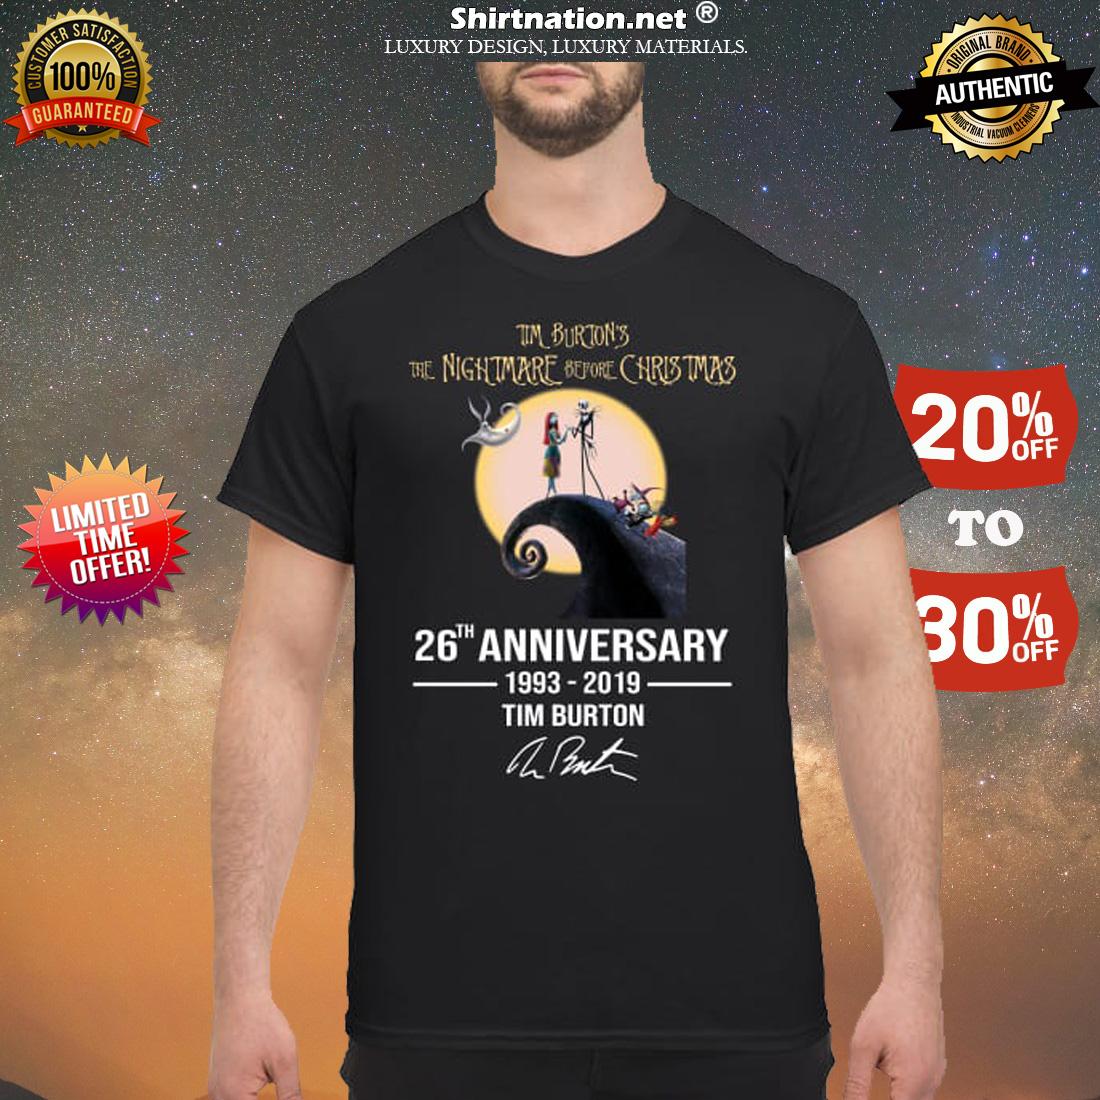 Tim Burtons nightmare before Christmas 26th anniversary shirt